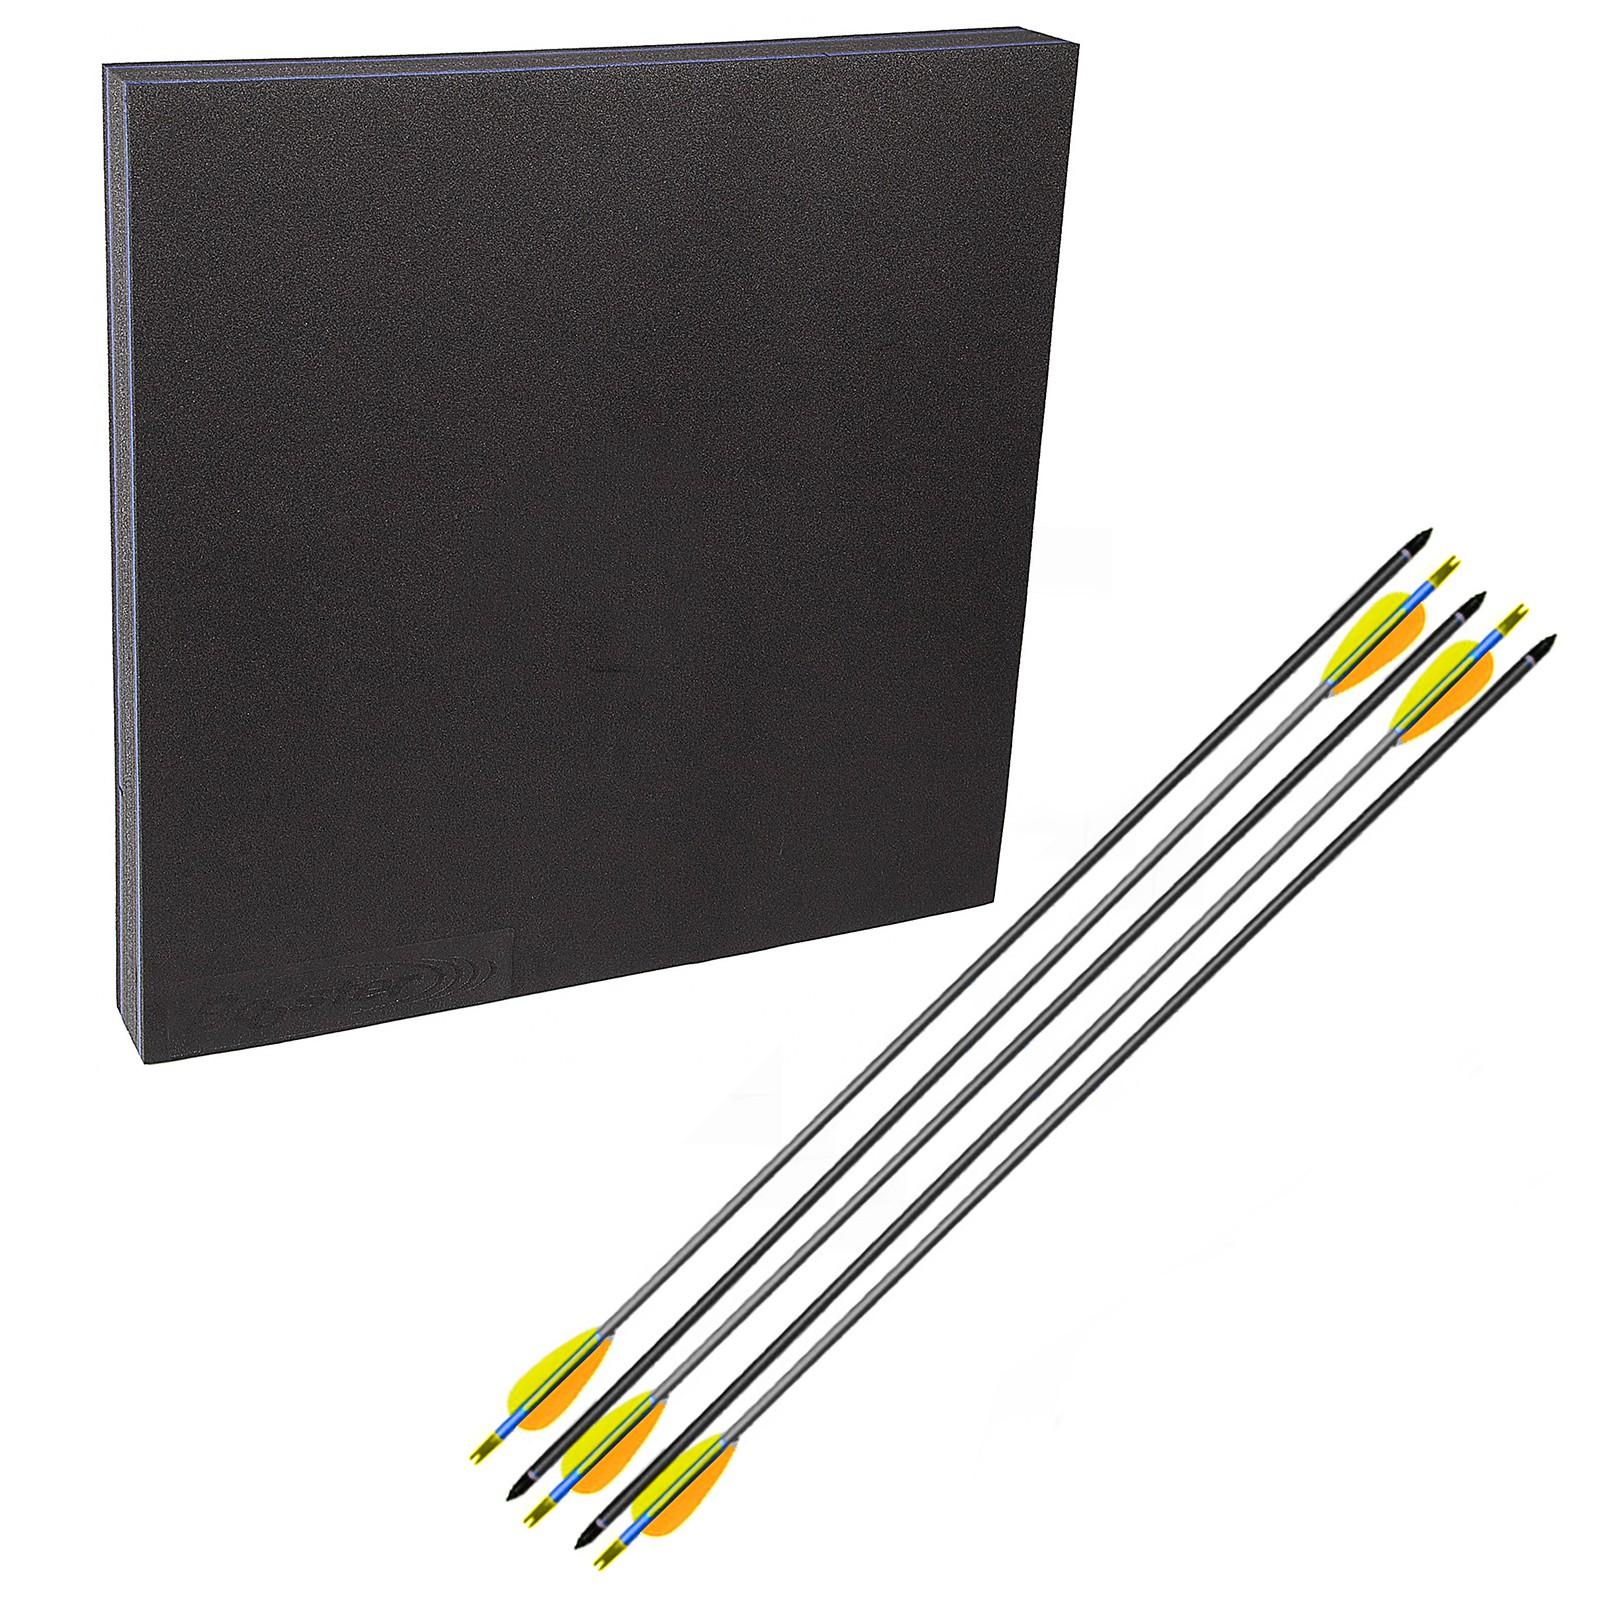 Kit con battifreccia materiale sintetico quadro 5 frecce carbonio 21 grammi